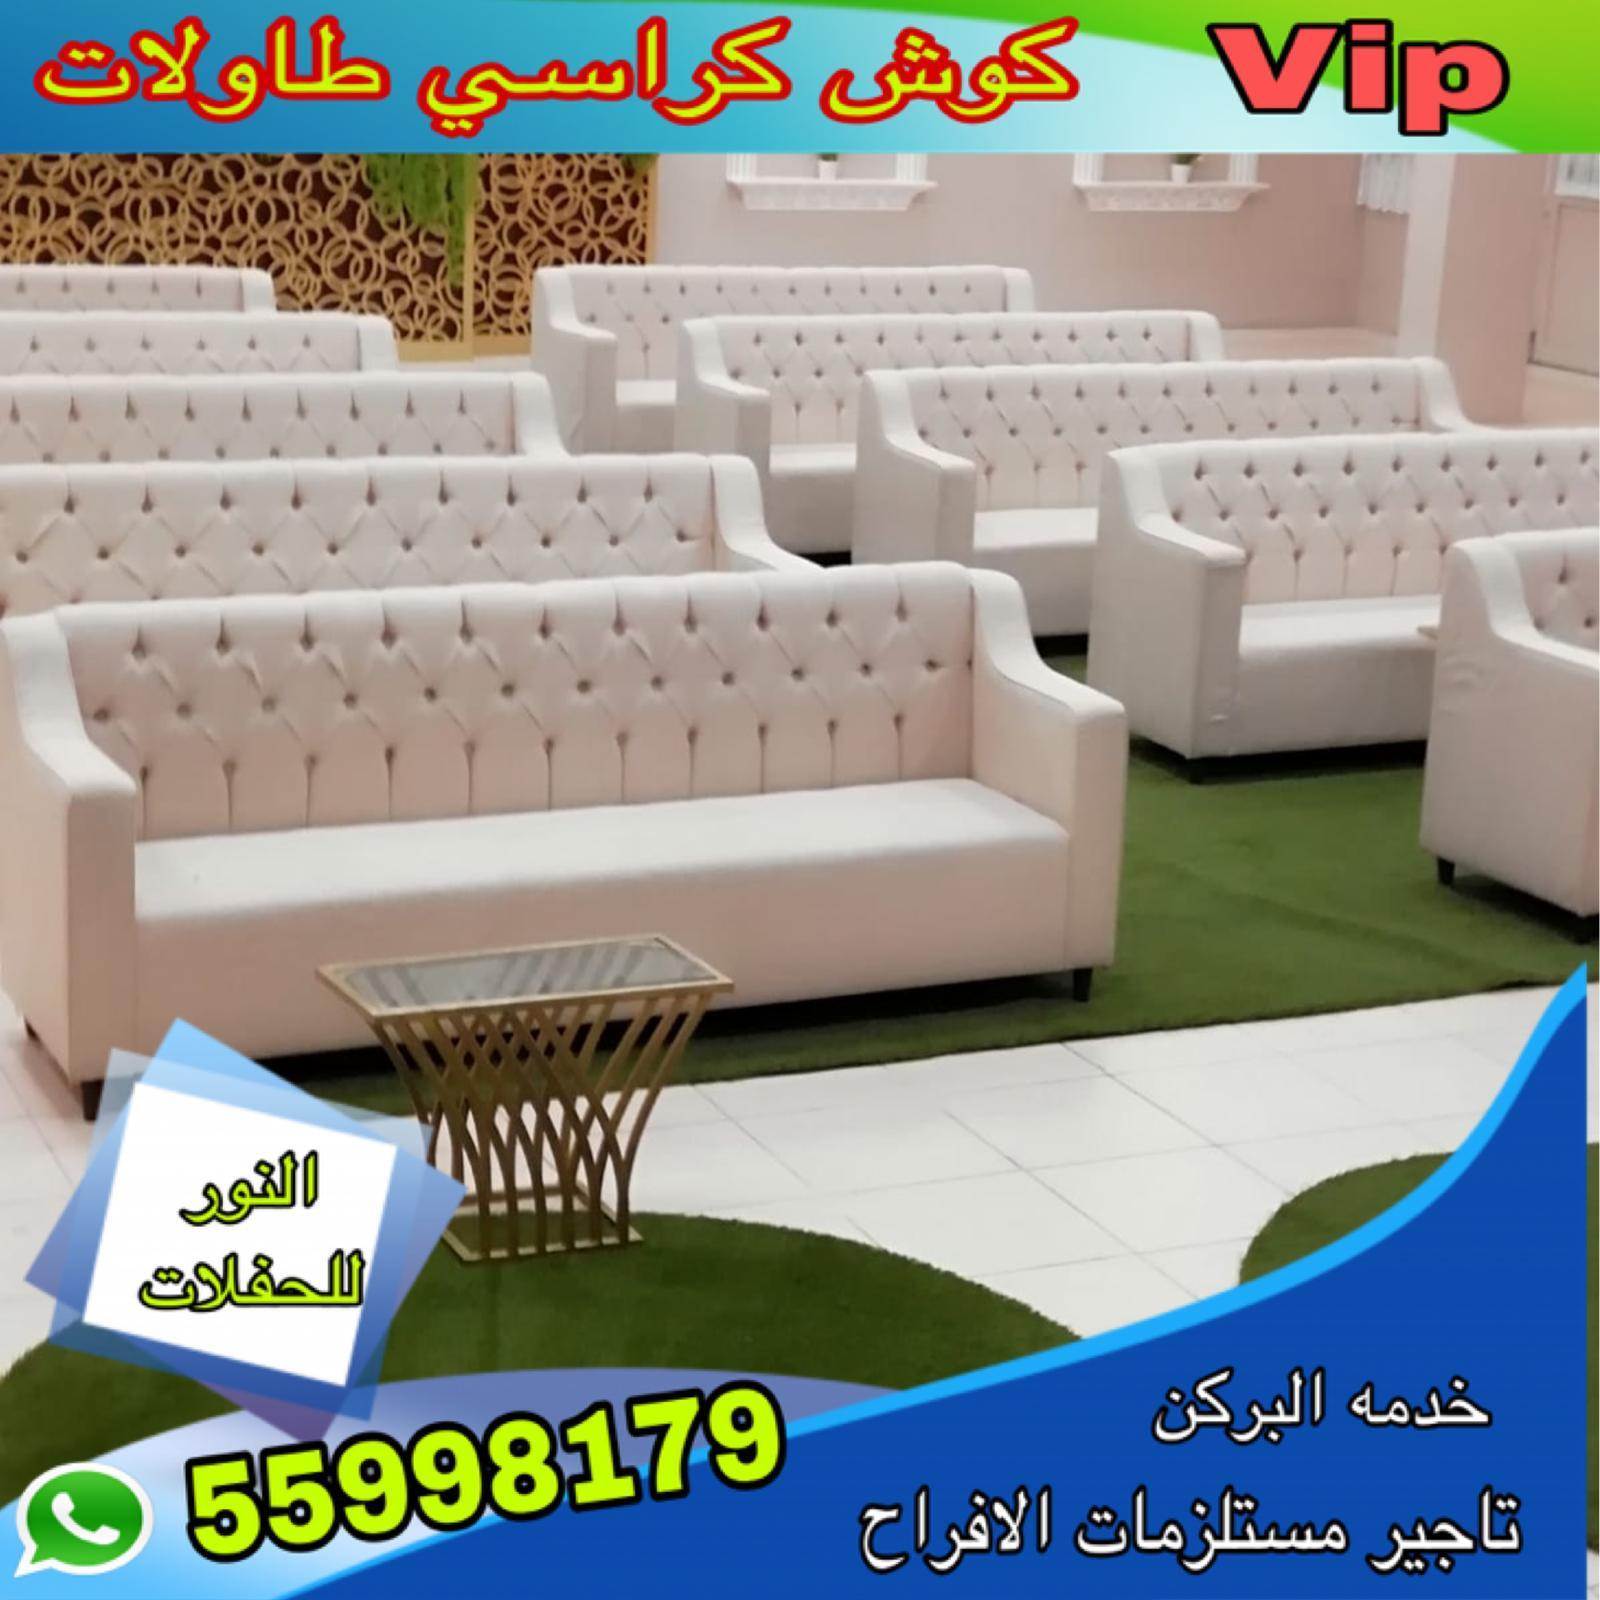 تاجير كنفات امريكي الكويت